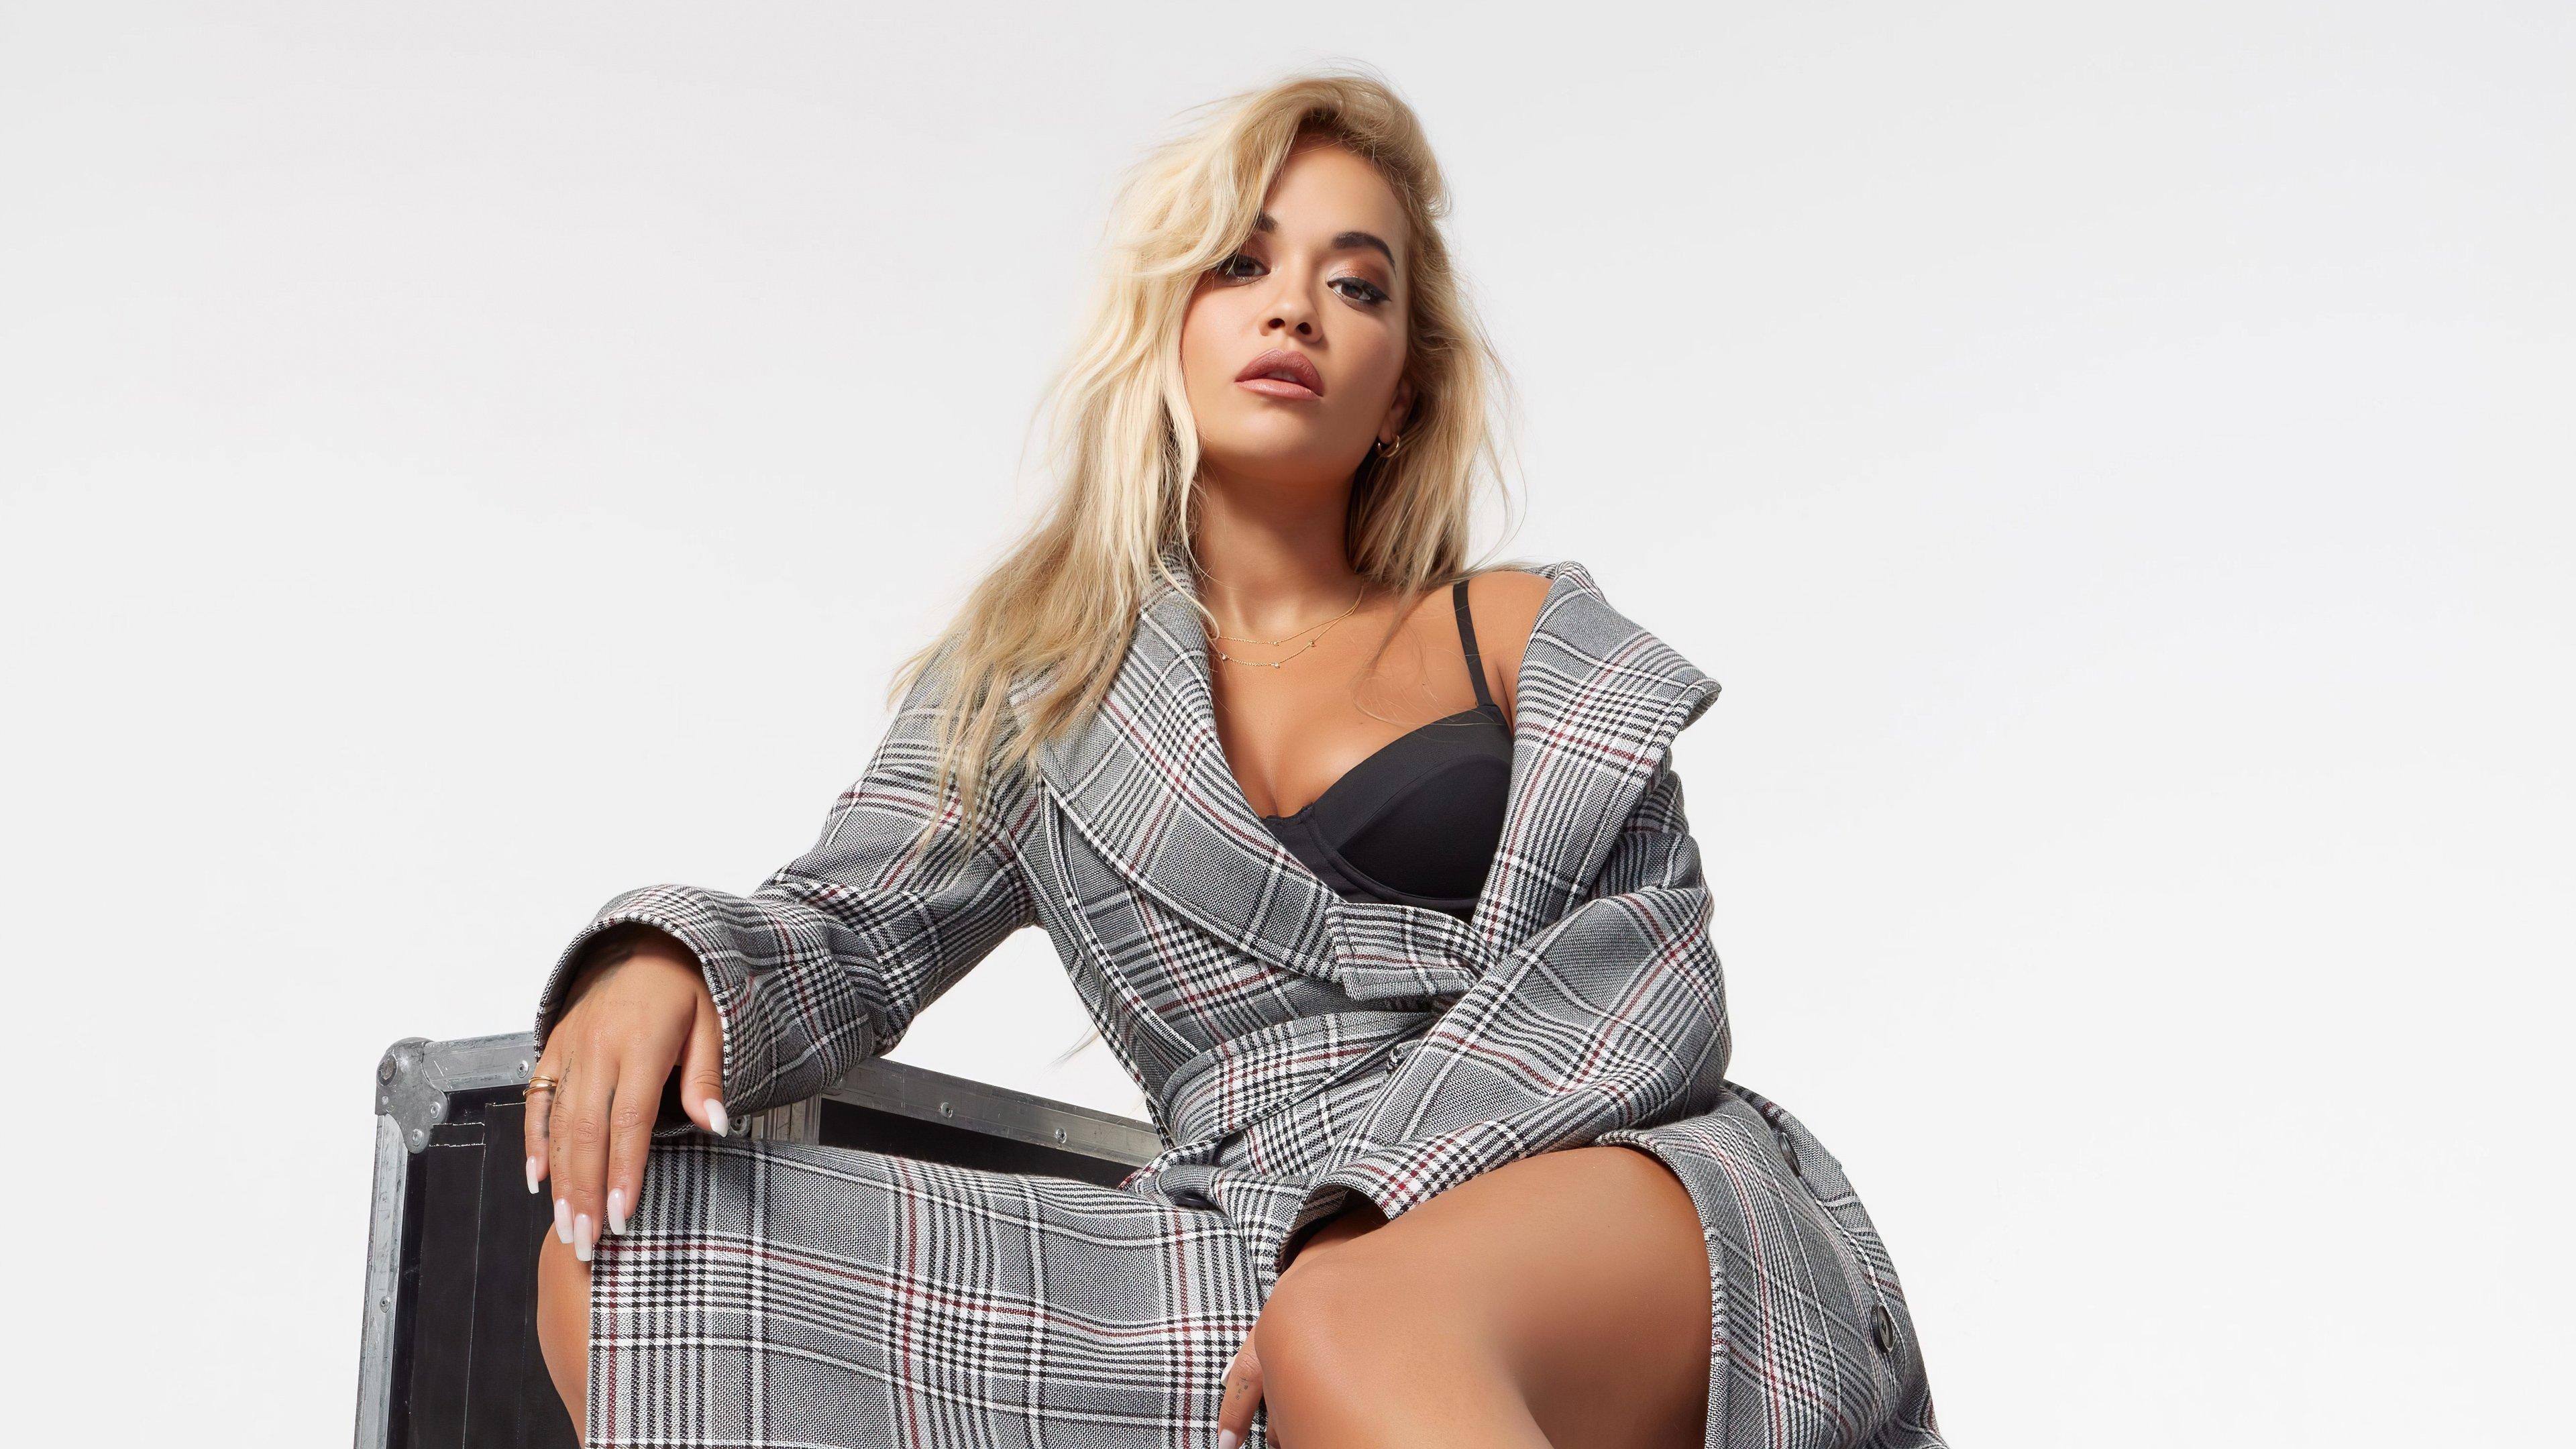 Fondos de pantalla Rita Ora 2020